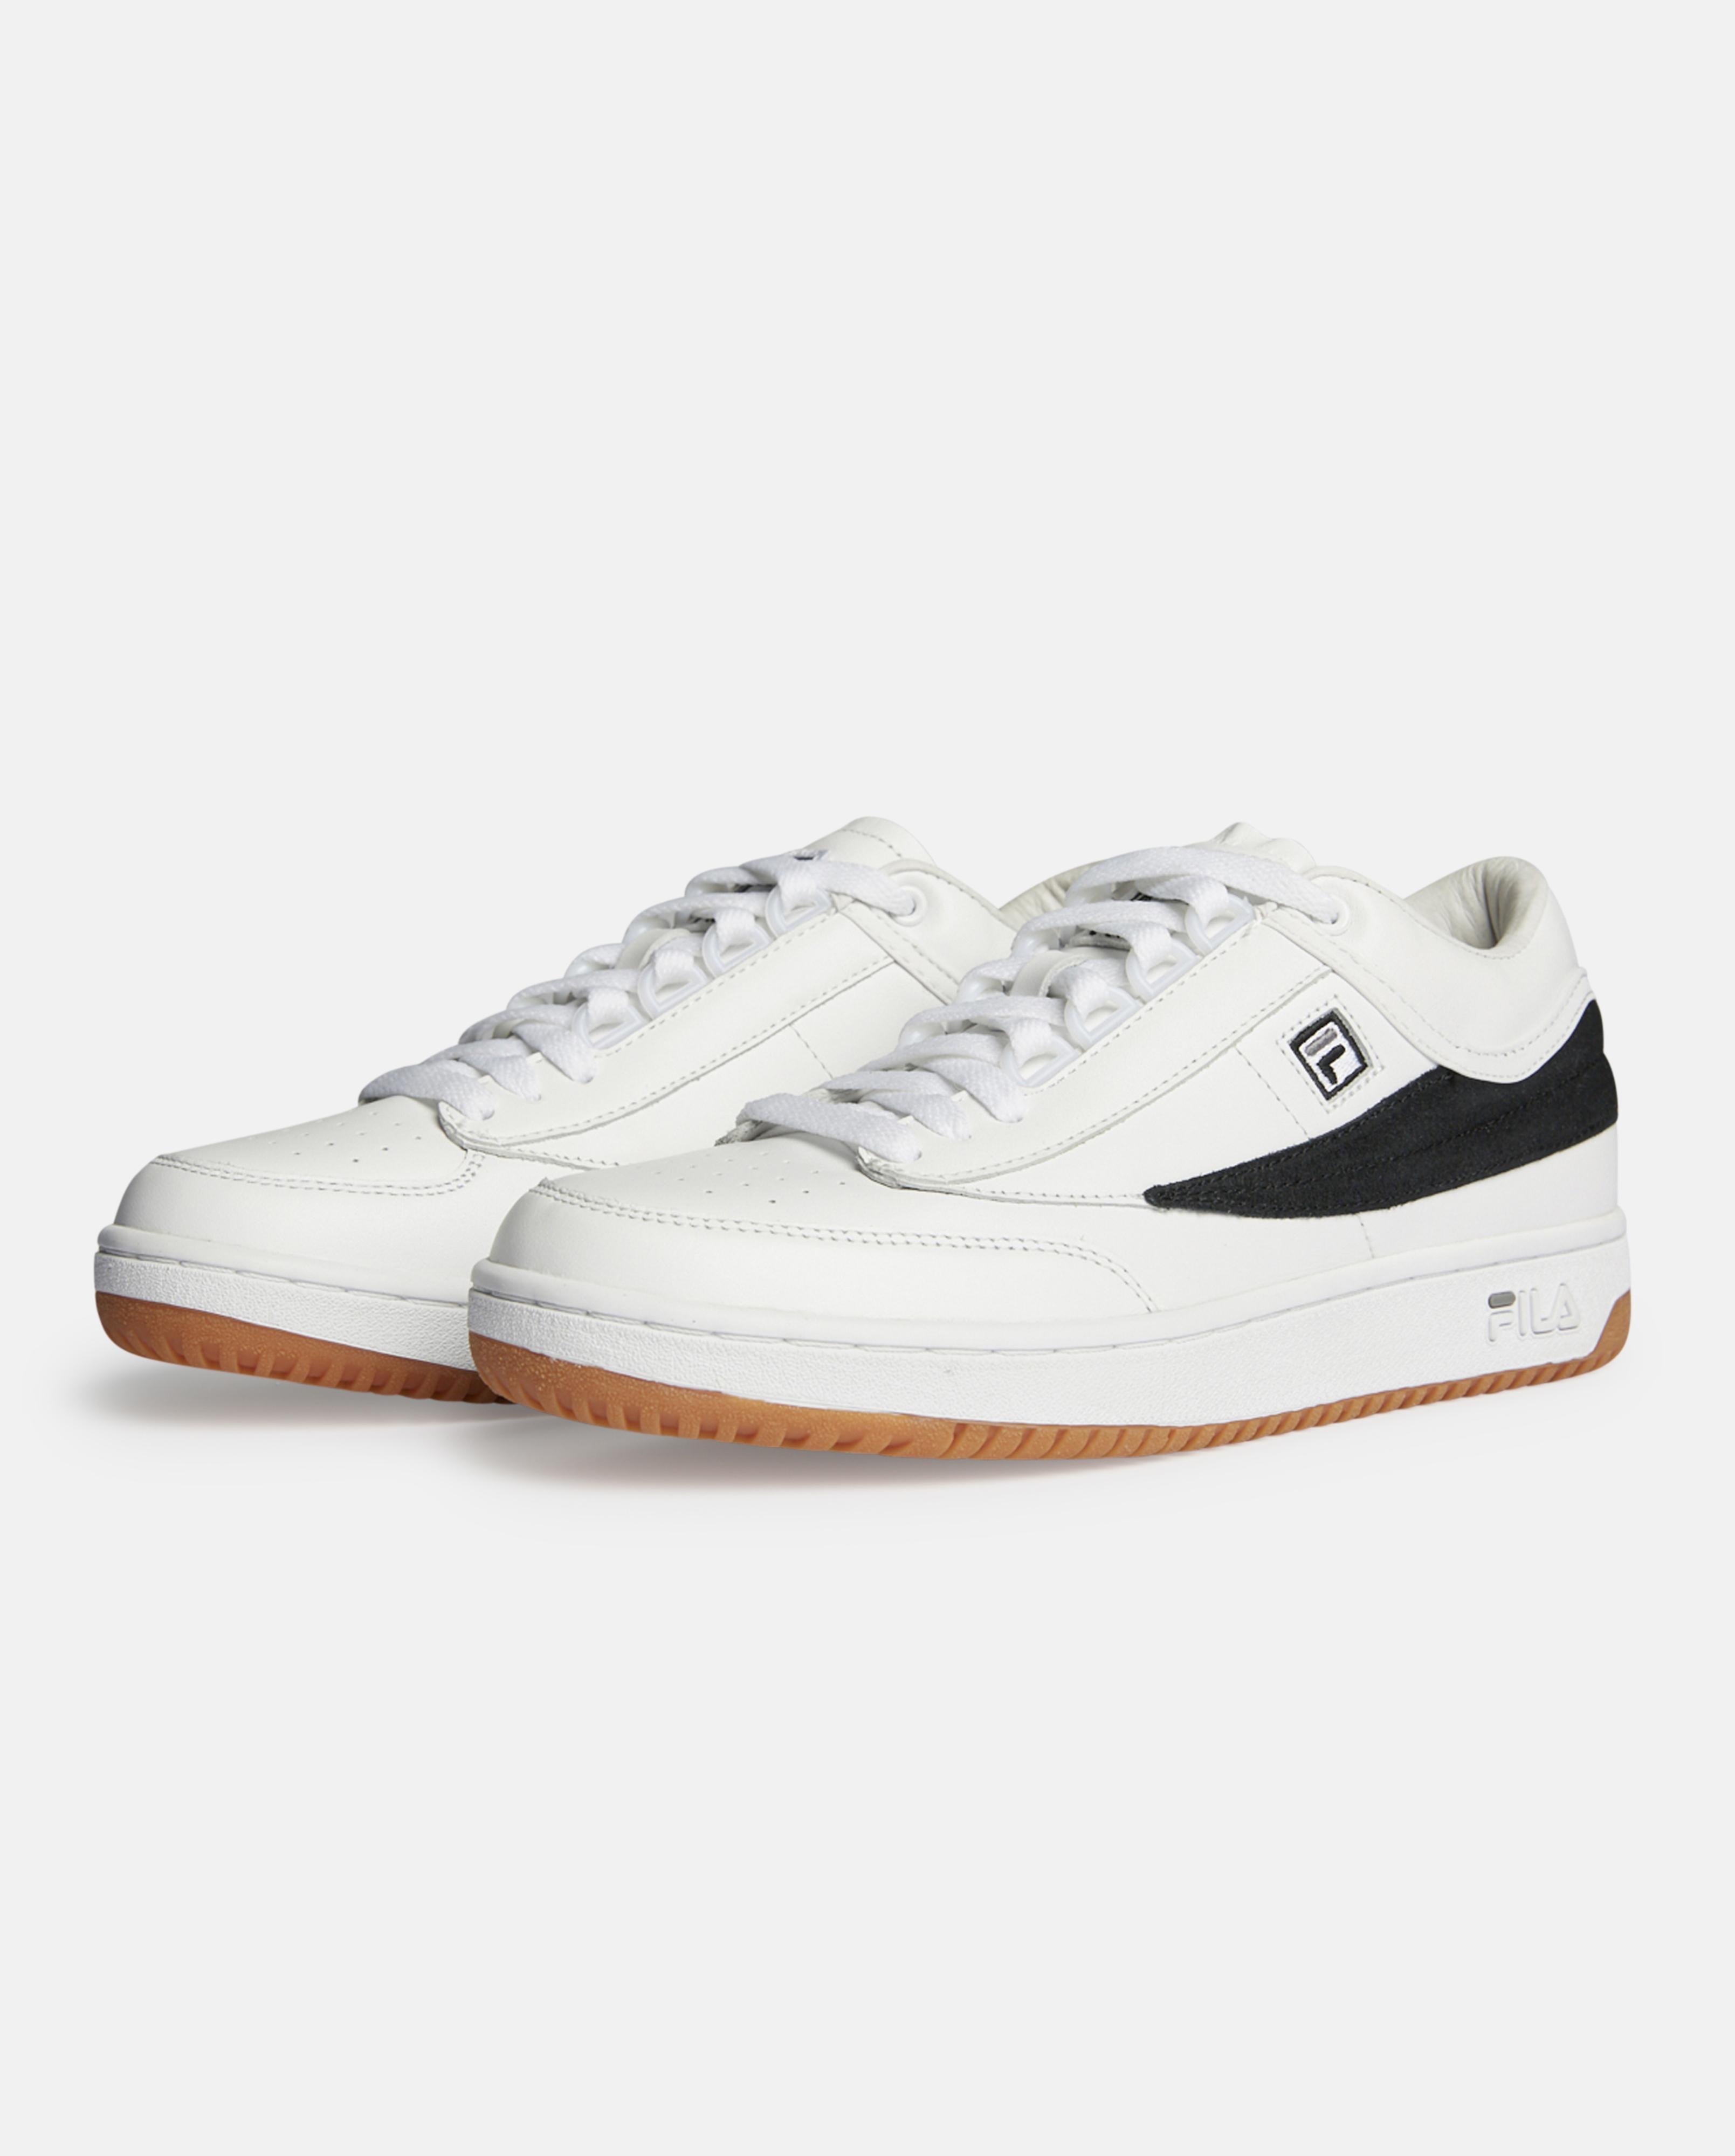 Gosha Men Leather For White T Fila 1 Sneakers Mid Rubchinskiy 0XnOkwP8